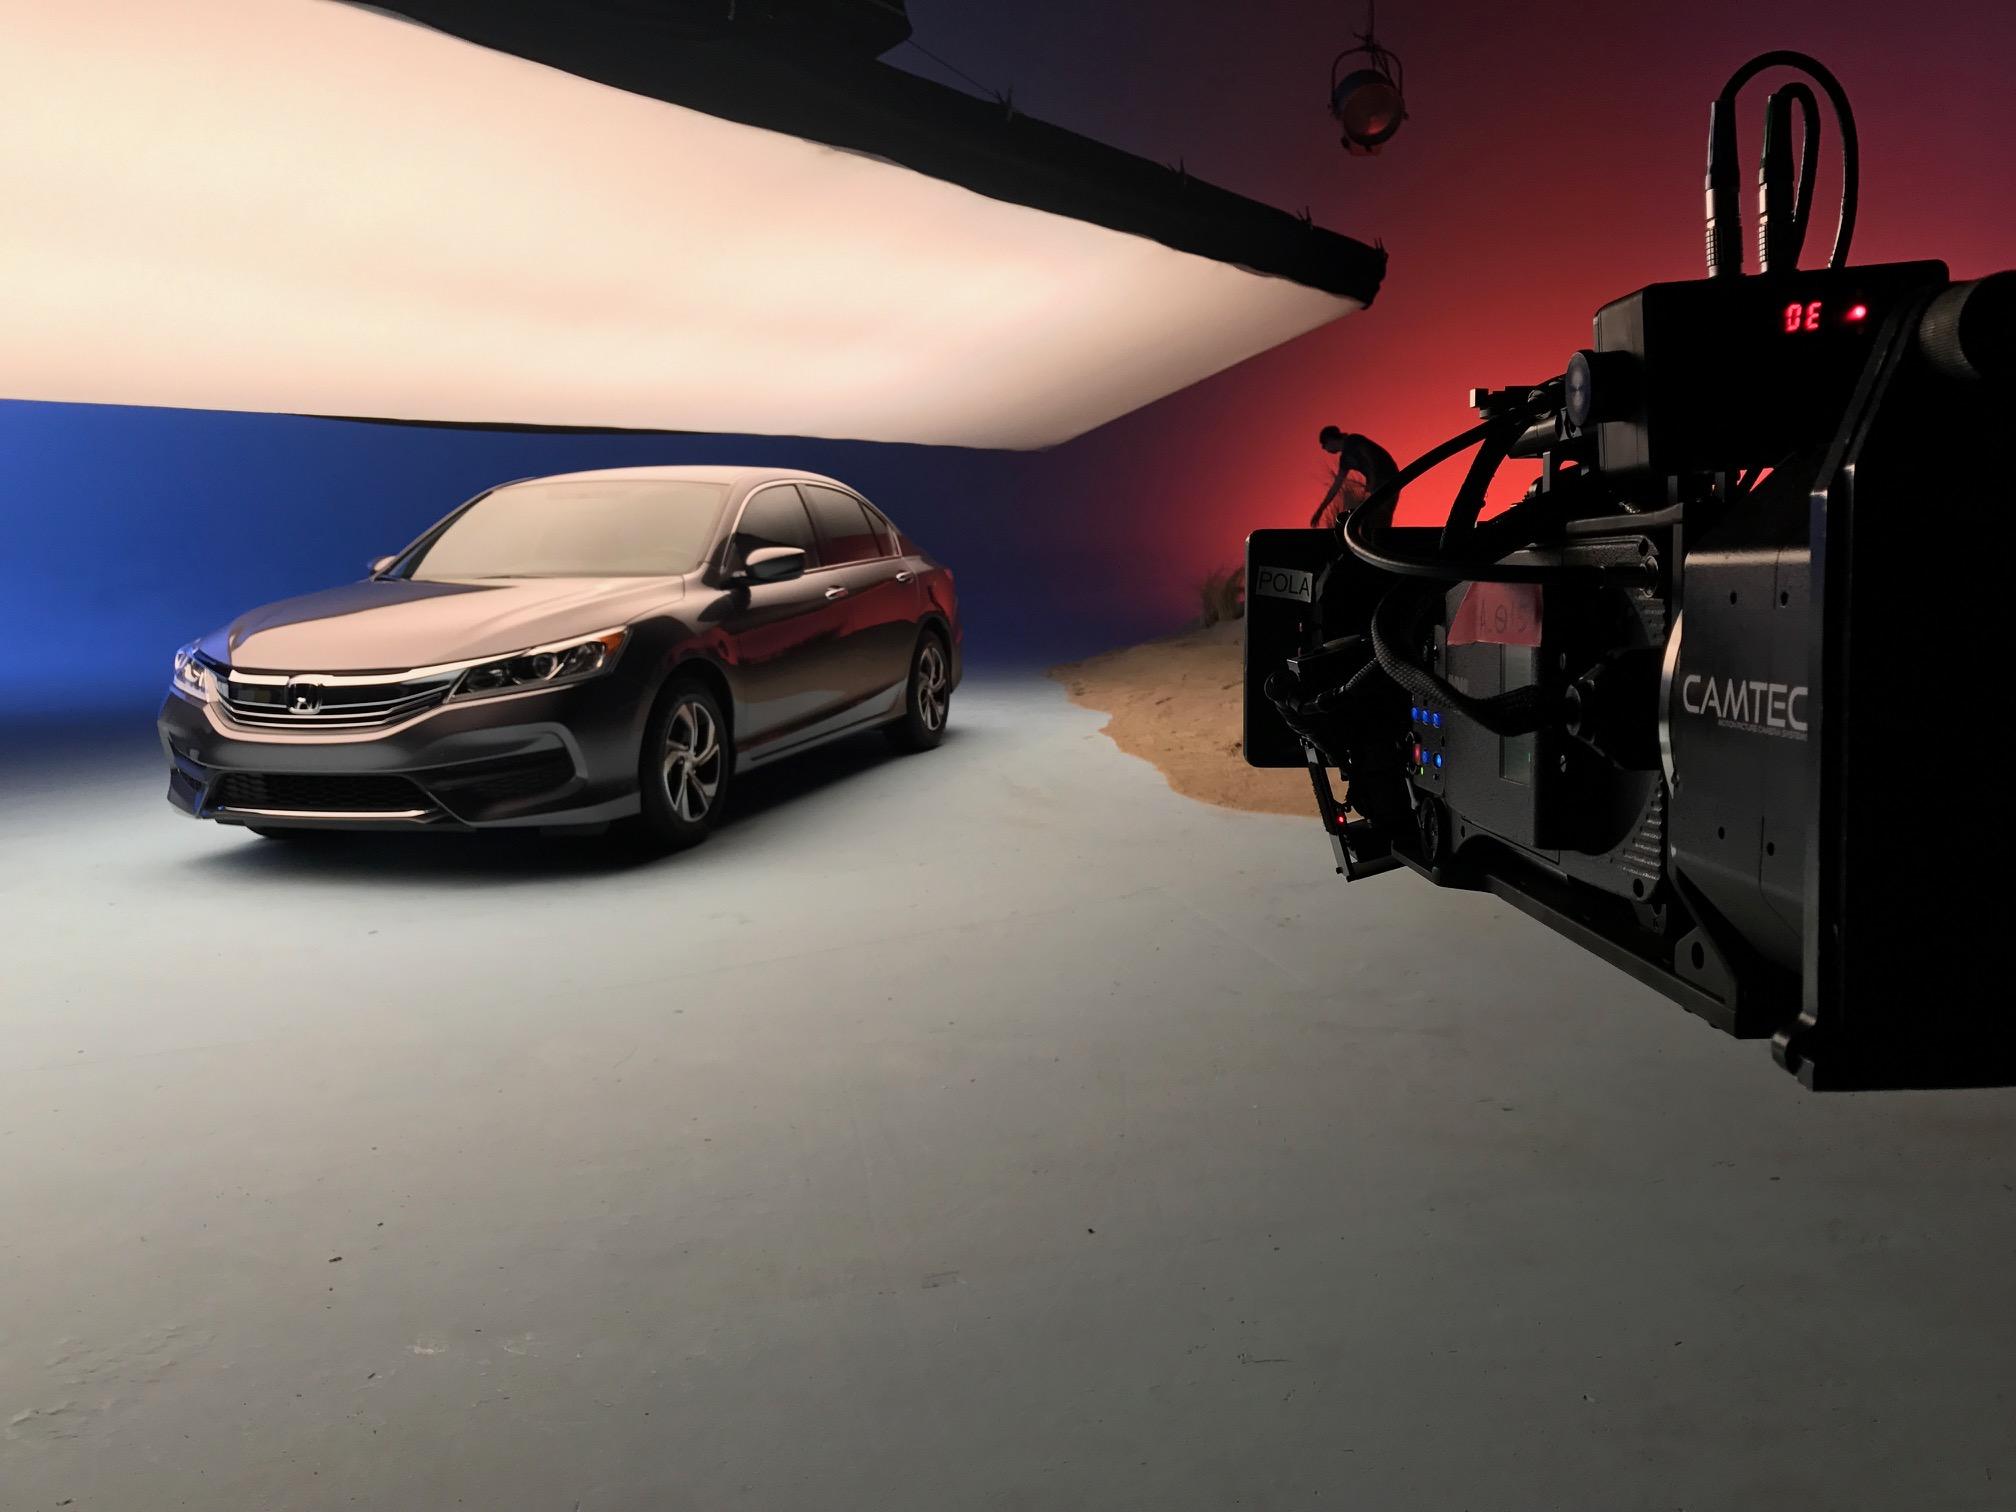 Camtec rig on set of a car commercial lensed by Richard Henkels